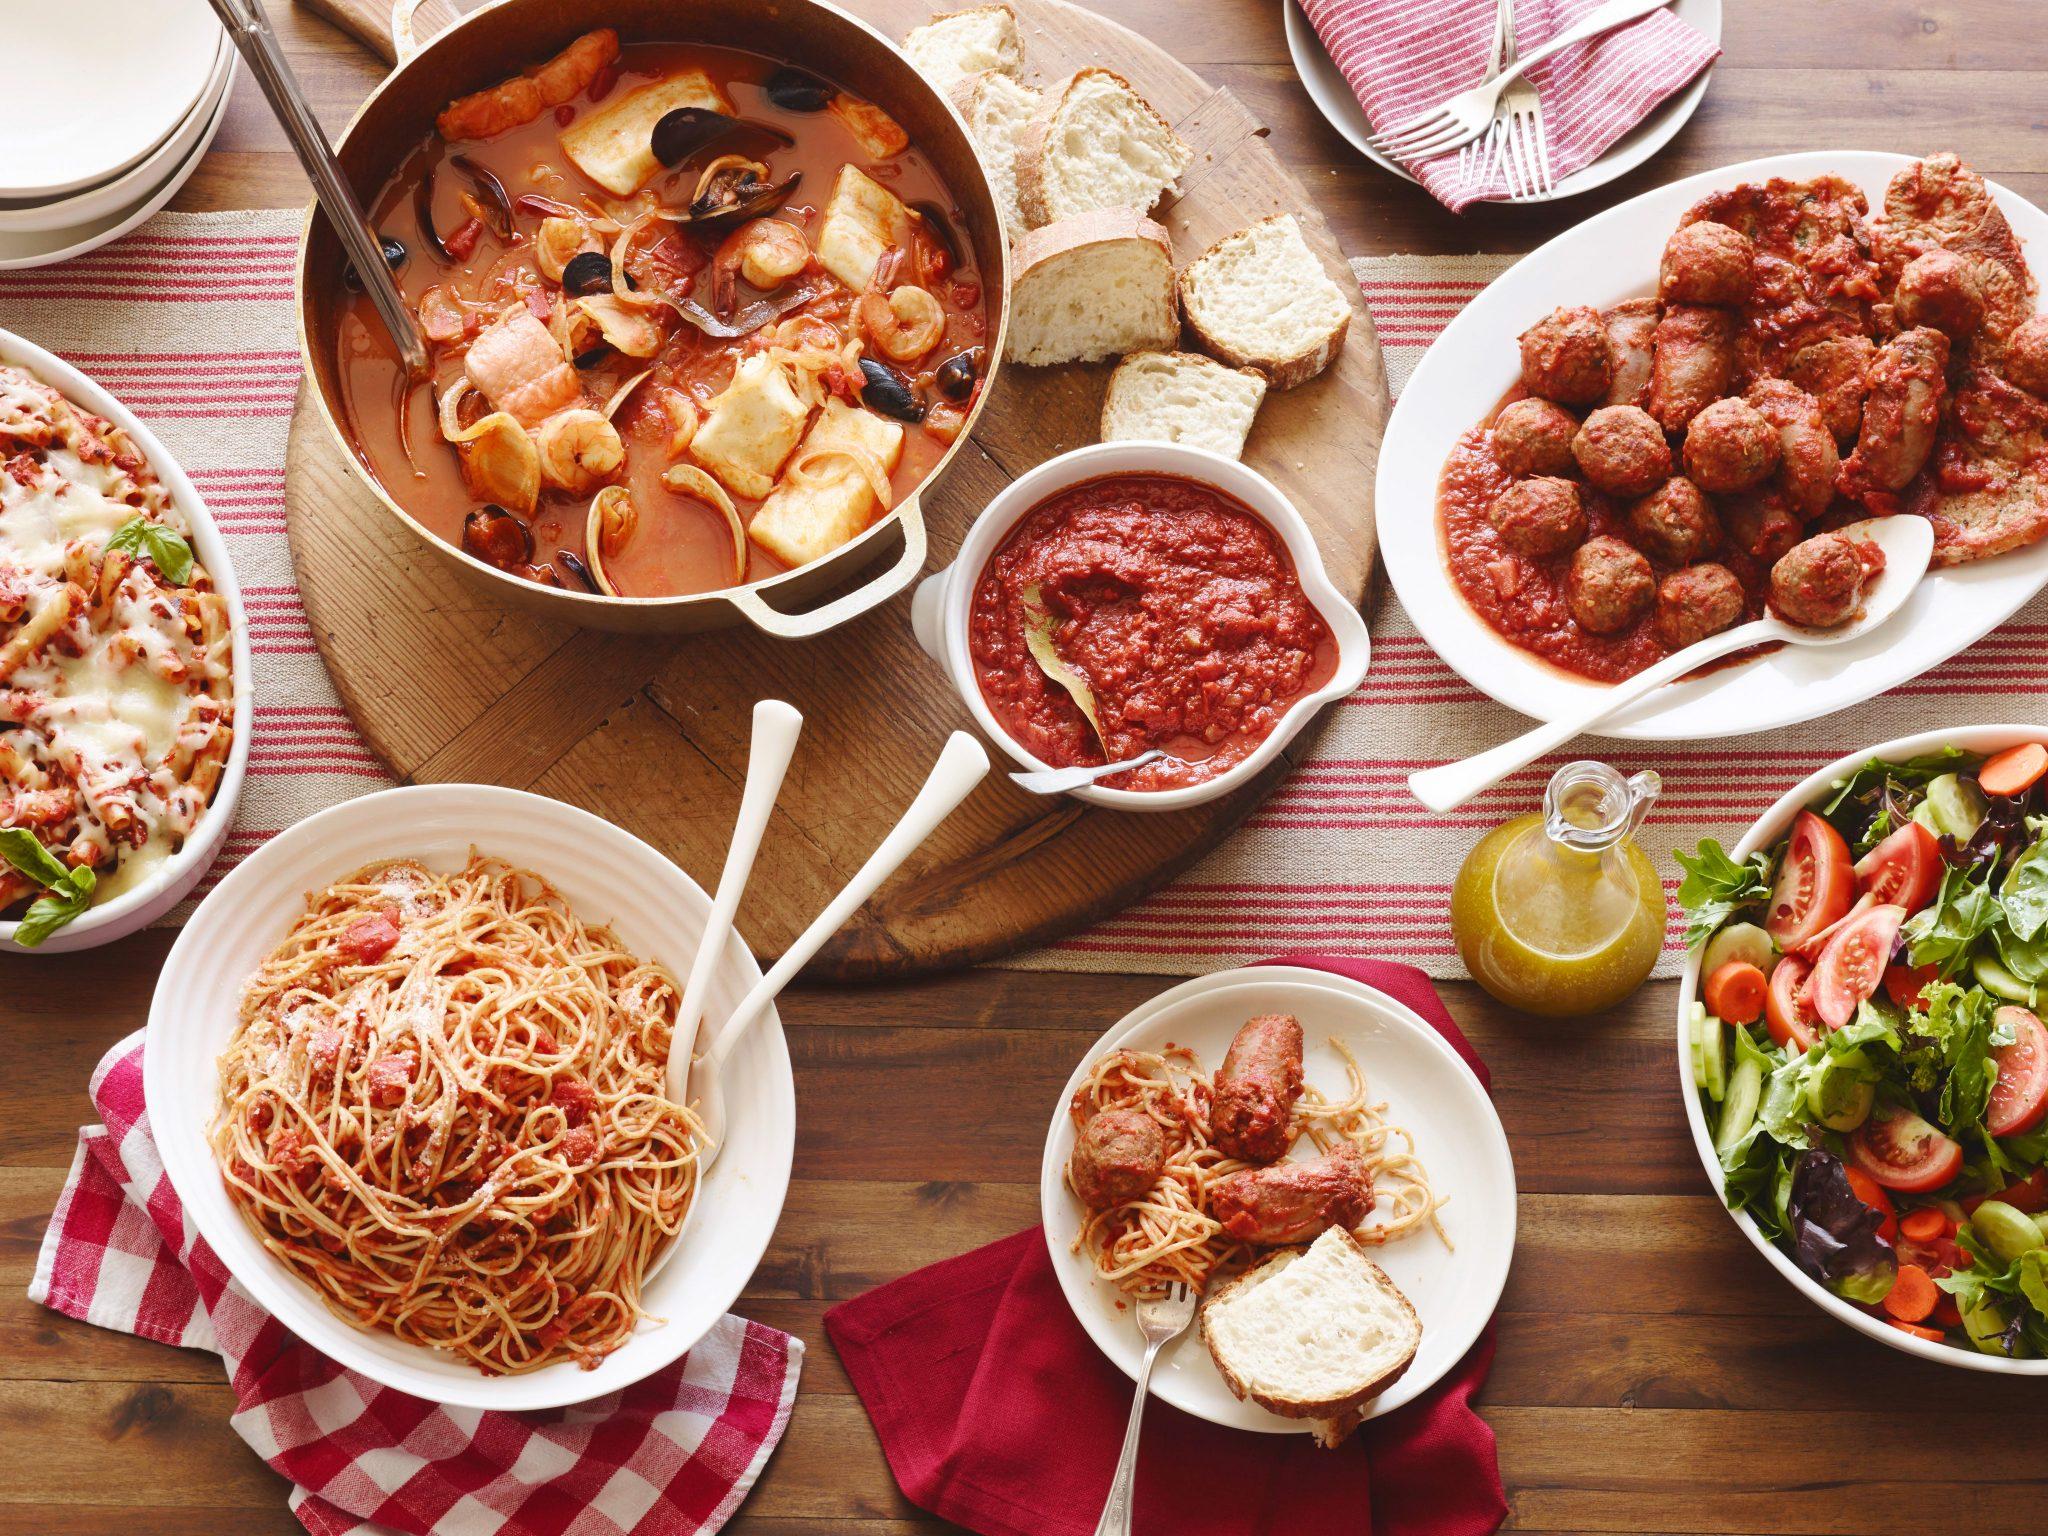 Вечеринка в итальянском стиле